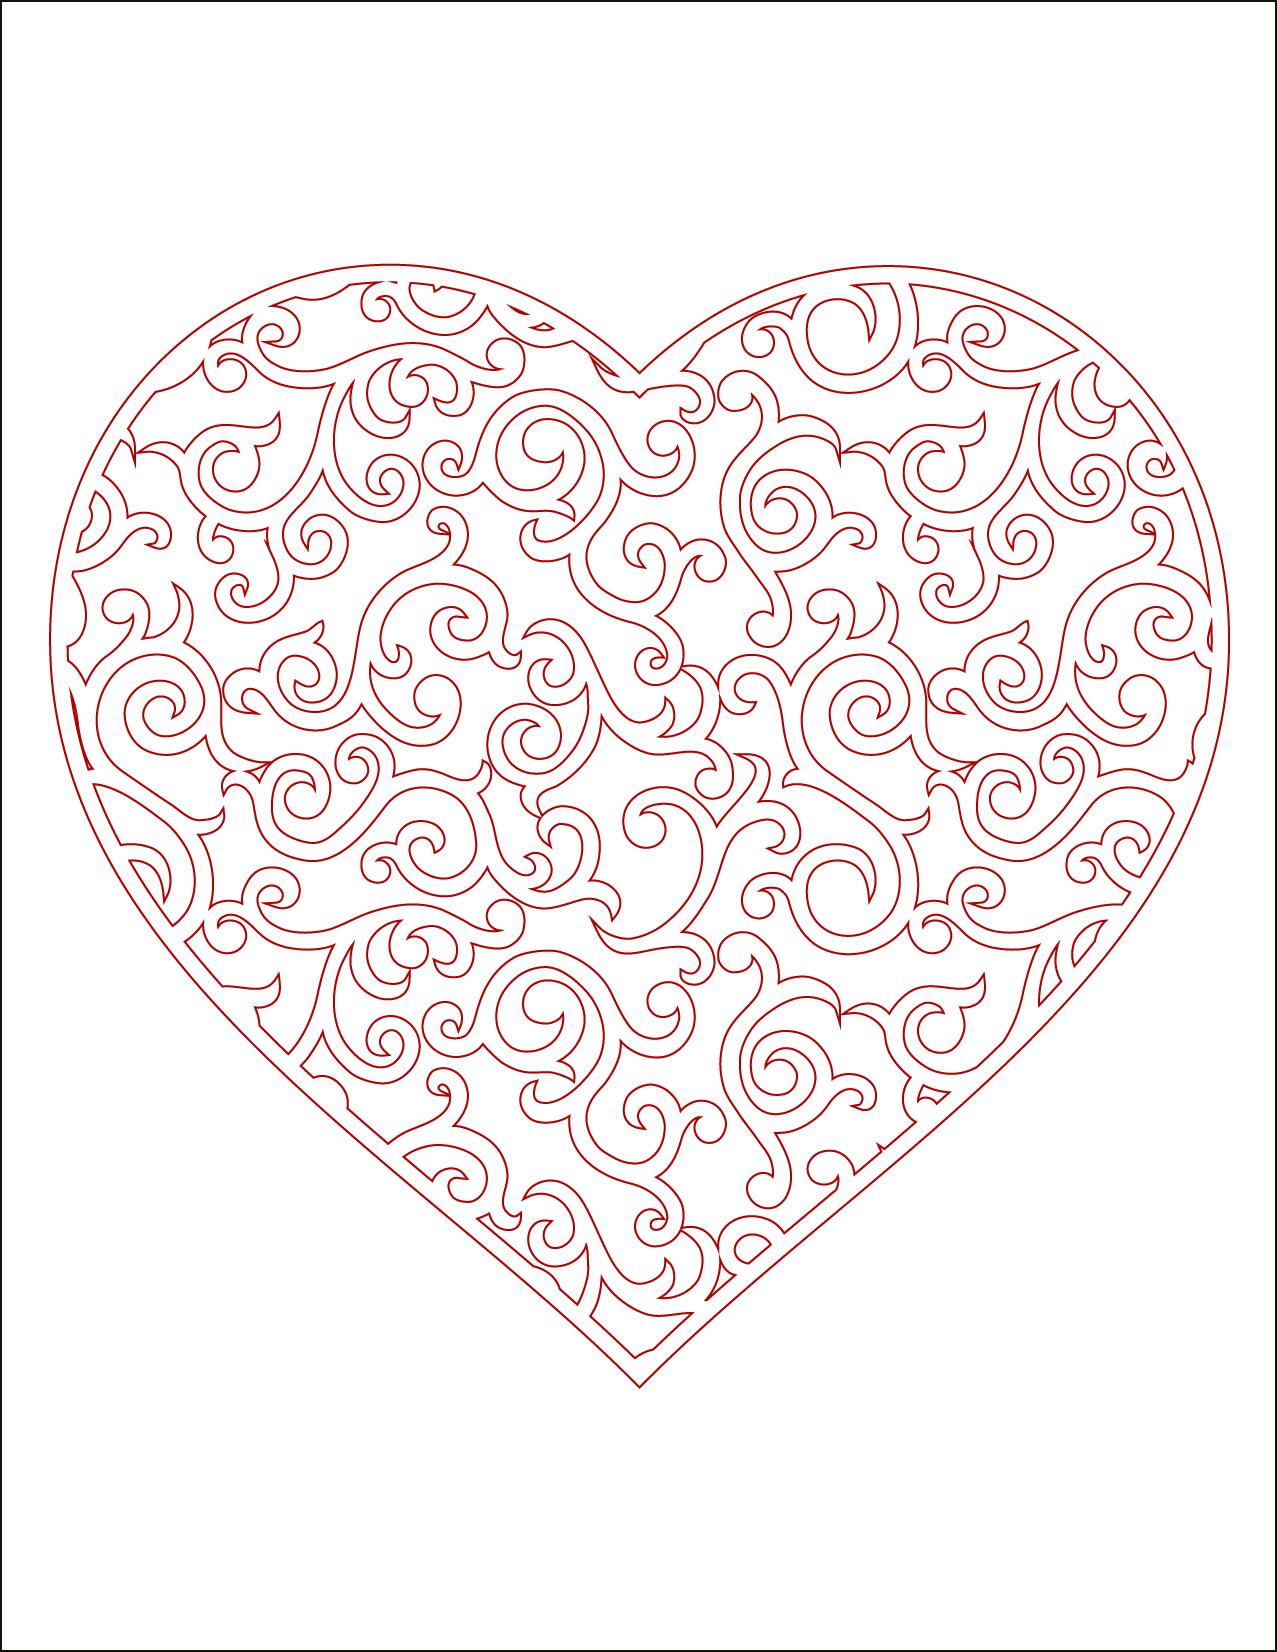 Coeur imprimer en couleur carte st valentin - Coeur a imprimer gratuitement ...